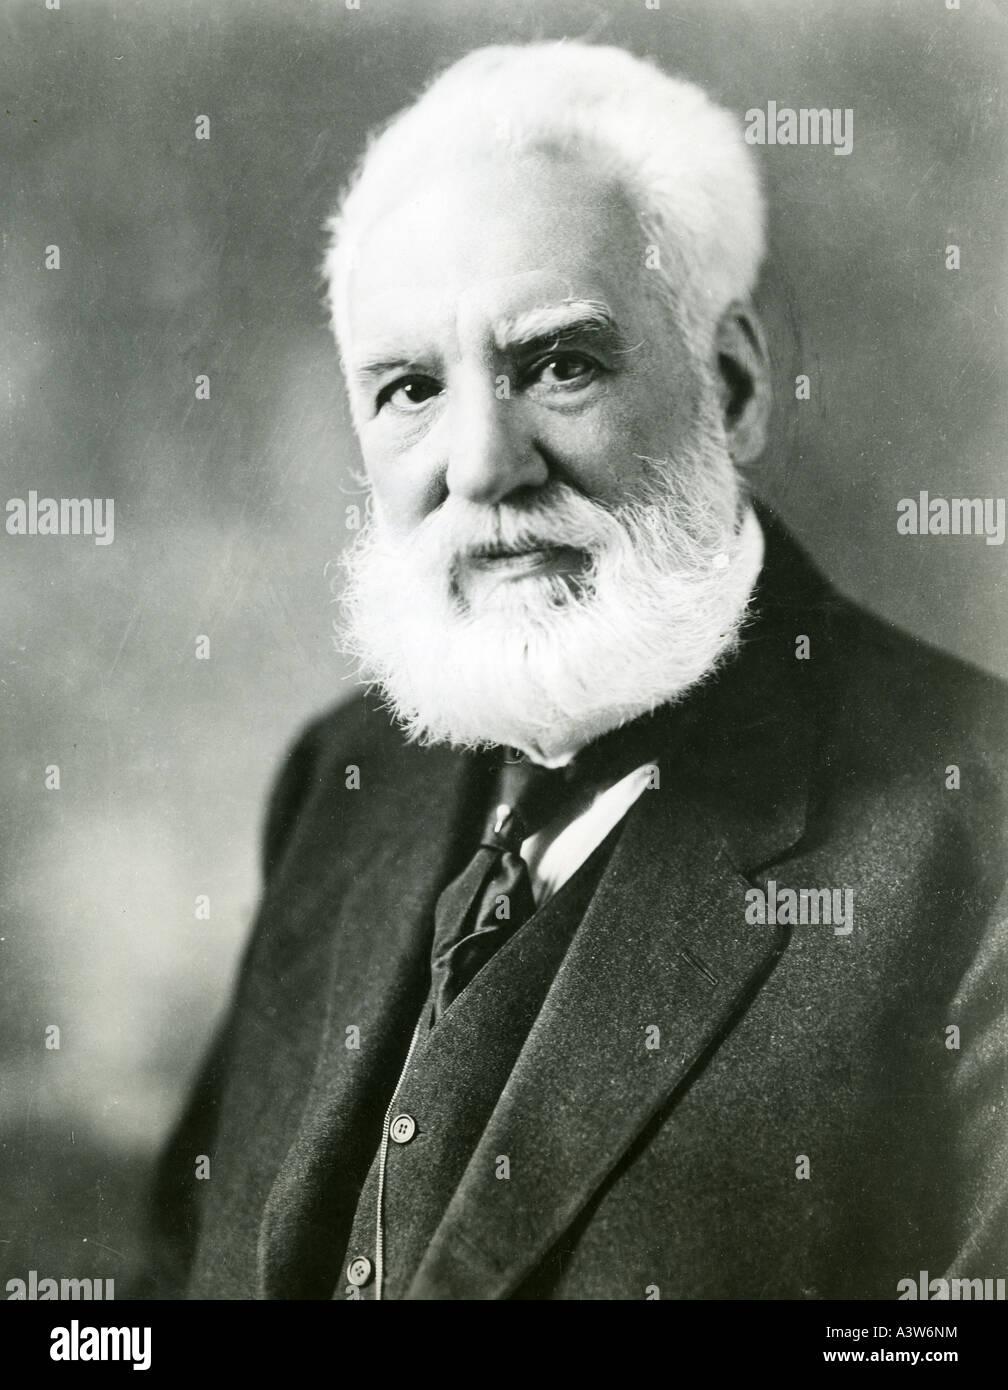 ALEXANDER GRAHAM BELL né écossais scientifique américain qui a fait breveter le téléphone Banque D'Images